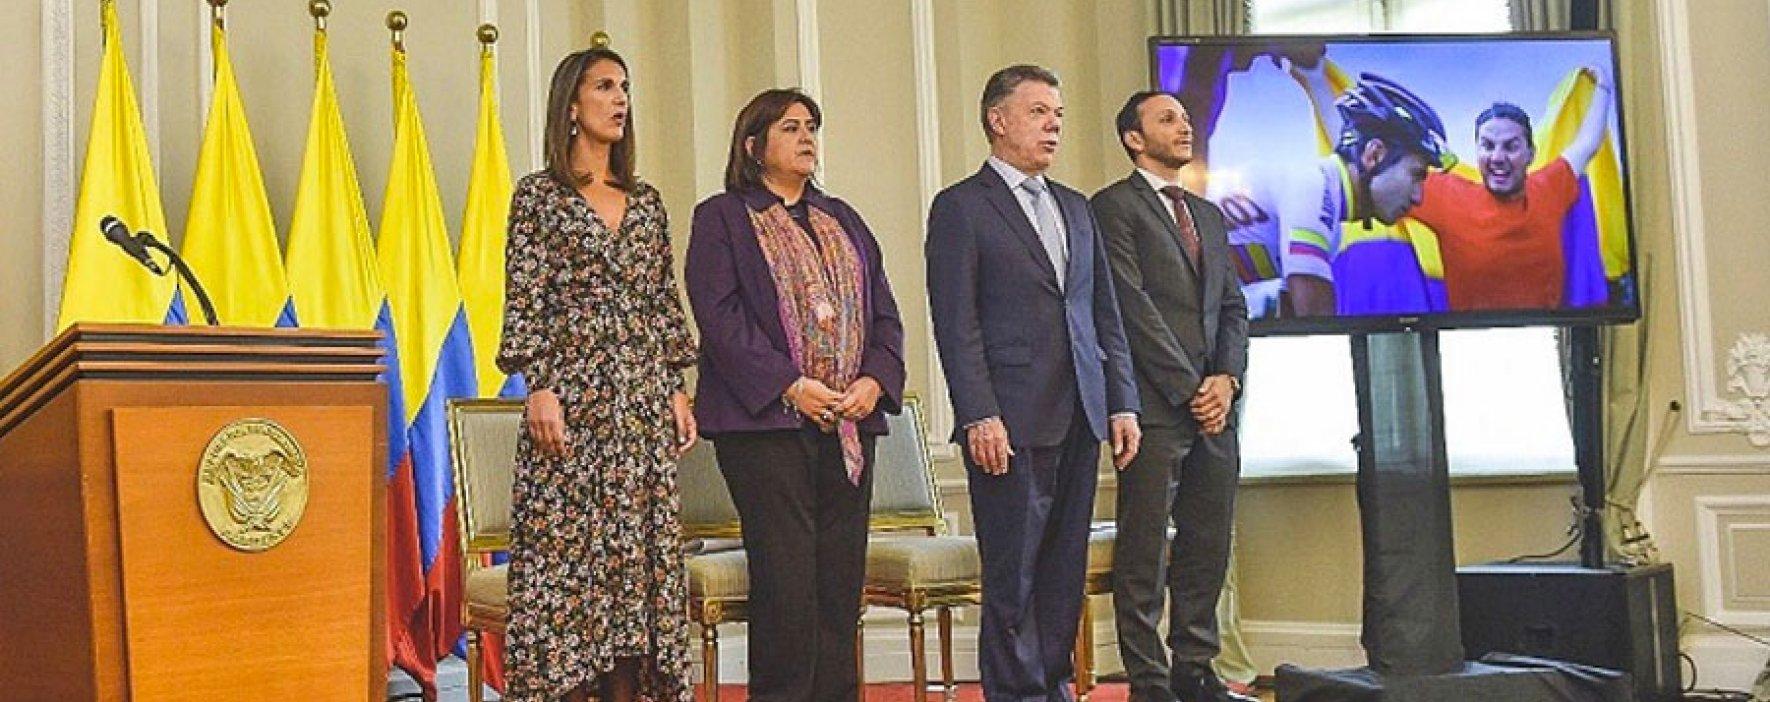 'Colombia Científica', programa para mejorar la calidad de la educación y la competitividad